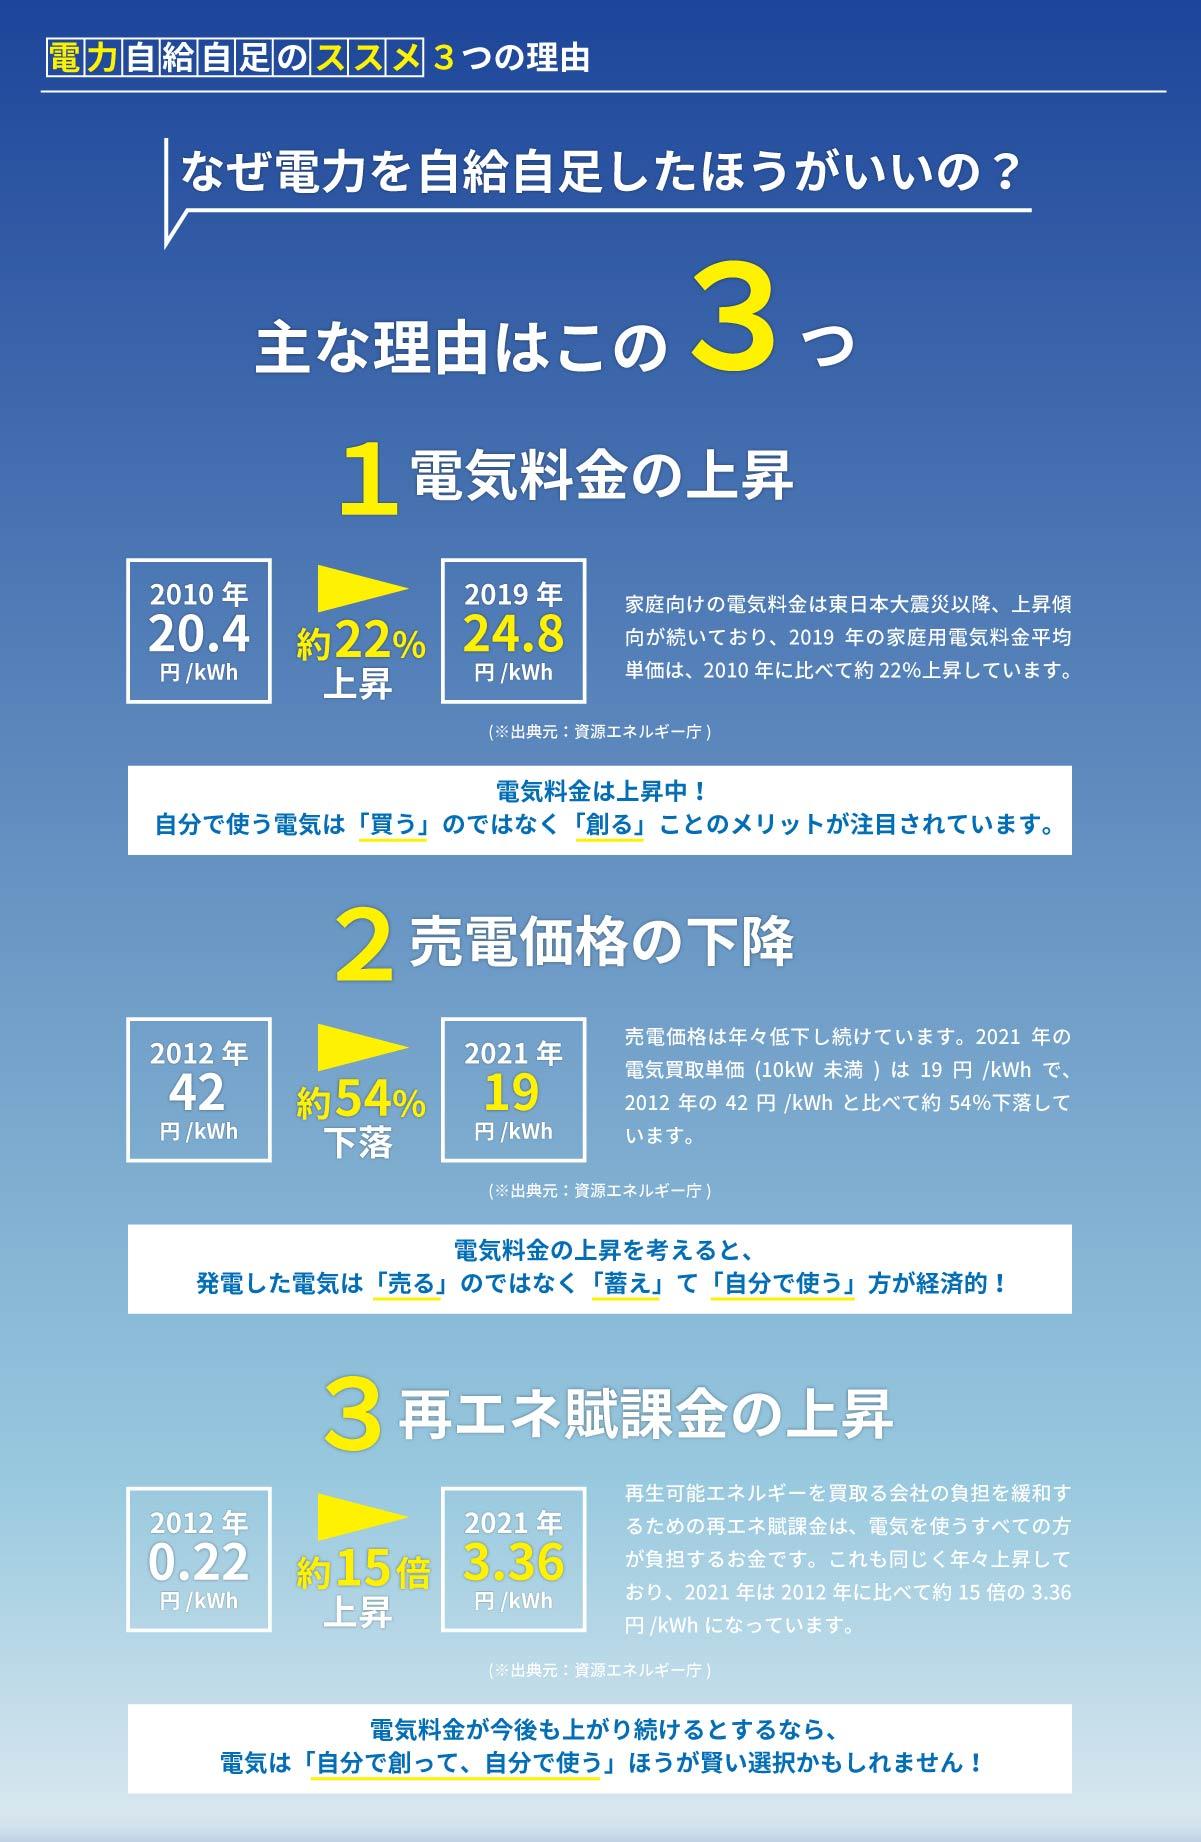 美都住販 蓄電池 太陽光 スマートソーラー 電力自給自足のススメ3つの理由 なぜ電力を自給自足したほうがいいの?主な理由はこの3つ1電気料金の上昇2010 年20.4円/kWh2019 年24.8円/kWh約22%上昇家庭向けの電気料金は東日本大震災以降、上昇傾向が続いており、2019 年の家庭用電気料金平均単価は、2010 年に比べて約22%上昇しています。電気料金は上昇中!自分で使う電気は「買う」のではなく「創る」ことのメリットが注目されています。(※出典元:資源エネルギー庁)2売電価格の下降2012 年42円/kWh2021 年19円/kWh約54%下落売電価格は年々低下し続けています。2021 年の電気買取単価(10kW 未満) は19 円/kWh で、2012 年の42 円/kWh と比べて約54%下落しています。電気料金の上昇を考えると、発電した電気は「売る」のではなく「蓄え」て「自分で使う」方が経済的!(※出典元:資源エネルギー庁)3再エネ賦課金の上昇2012 年0.22円/kWh2021 年3.36円/kWh約15倍上昇再生可能エネルギーを買取る会社の負担を緩和するための再エネ賦課金は、電気を使うすべての方が負担するお金です。これも同じく年々上昇しており、2021 年は2012 年に比べて約15 倍の3.36円/kWh になっています。電気料金が今後も上がり続けるとするなら、電気は「自分で創って、自分で使う」ほうが賢い選択かもしれません!